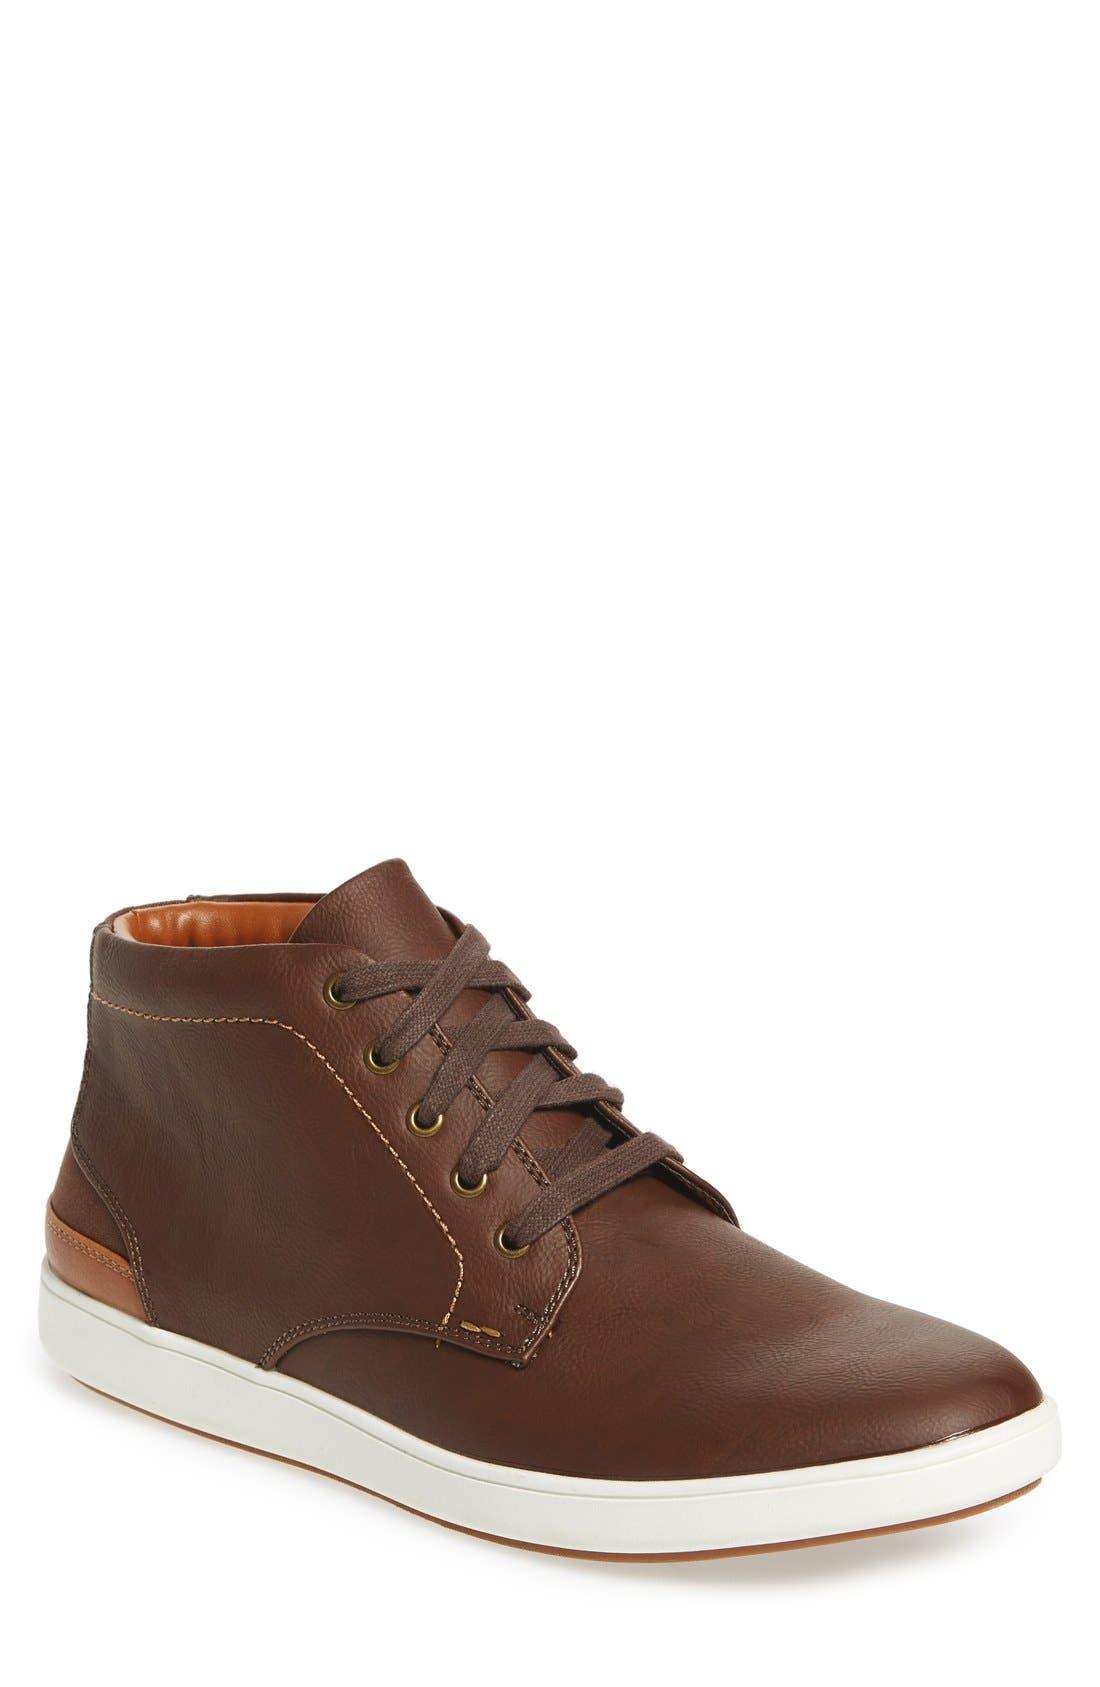 Alternate Image 1 Selected - Steve Madden Freedomm Sneaker (Men)